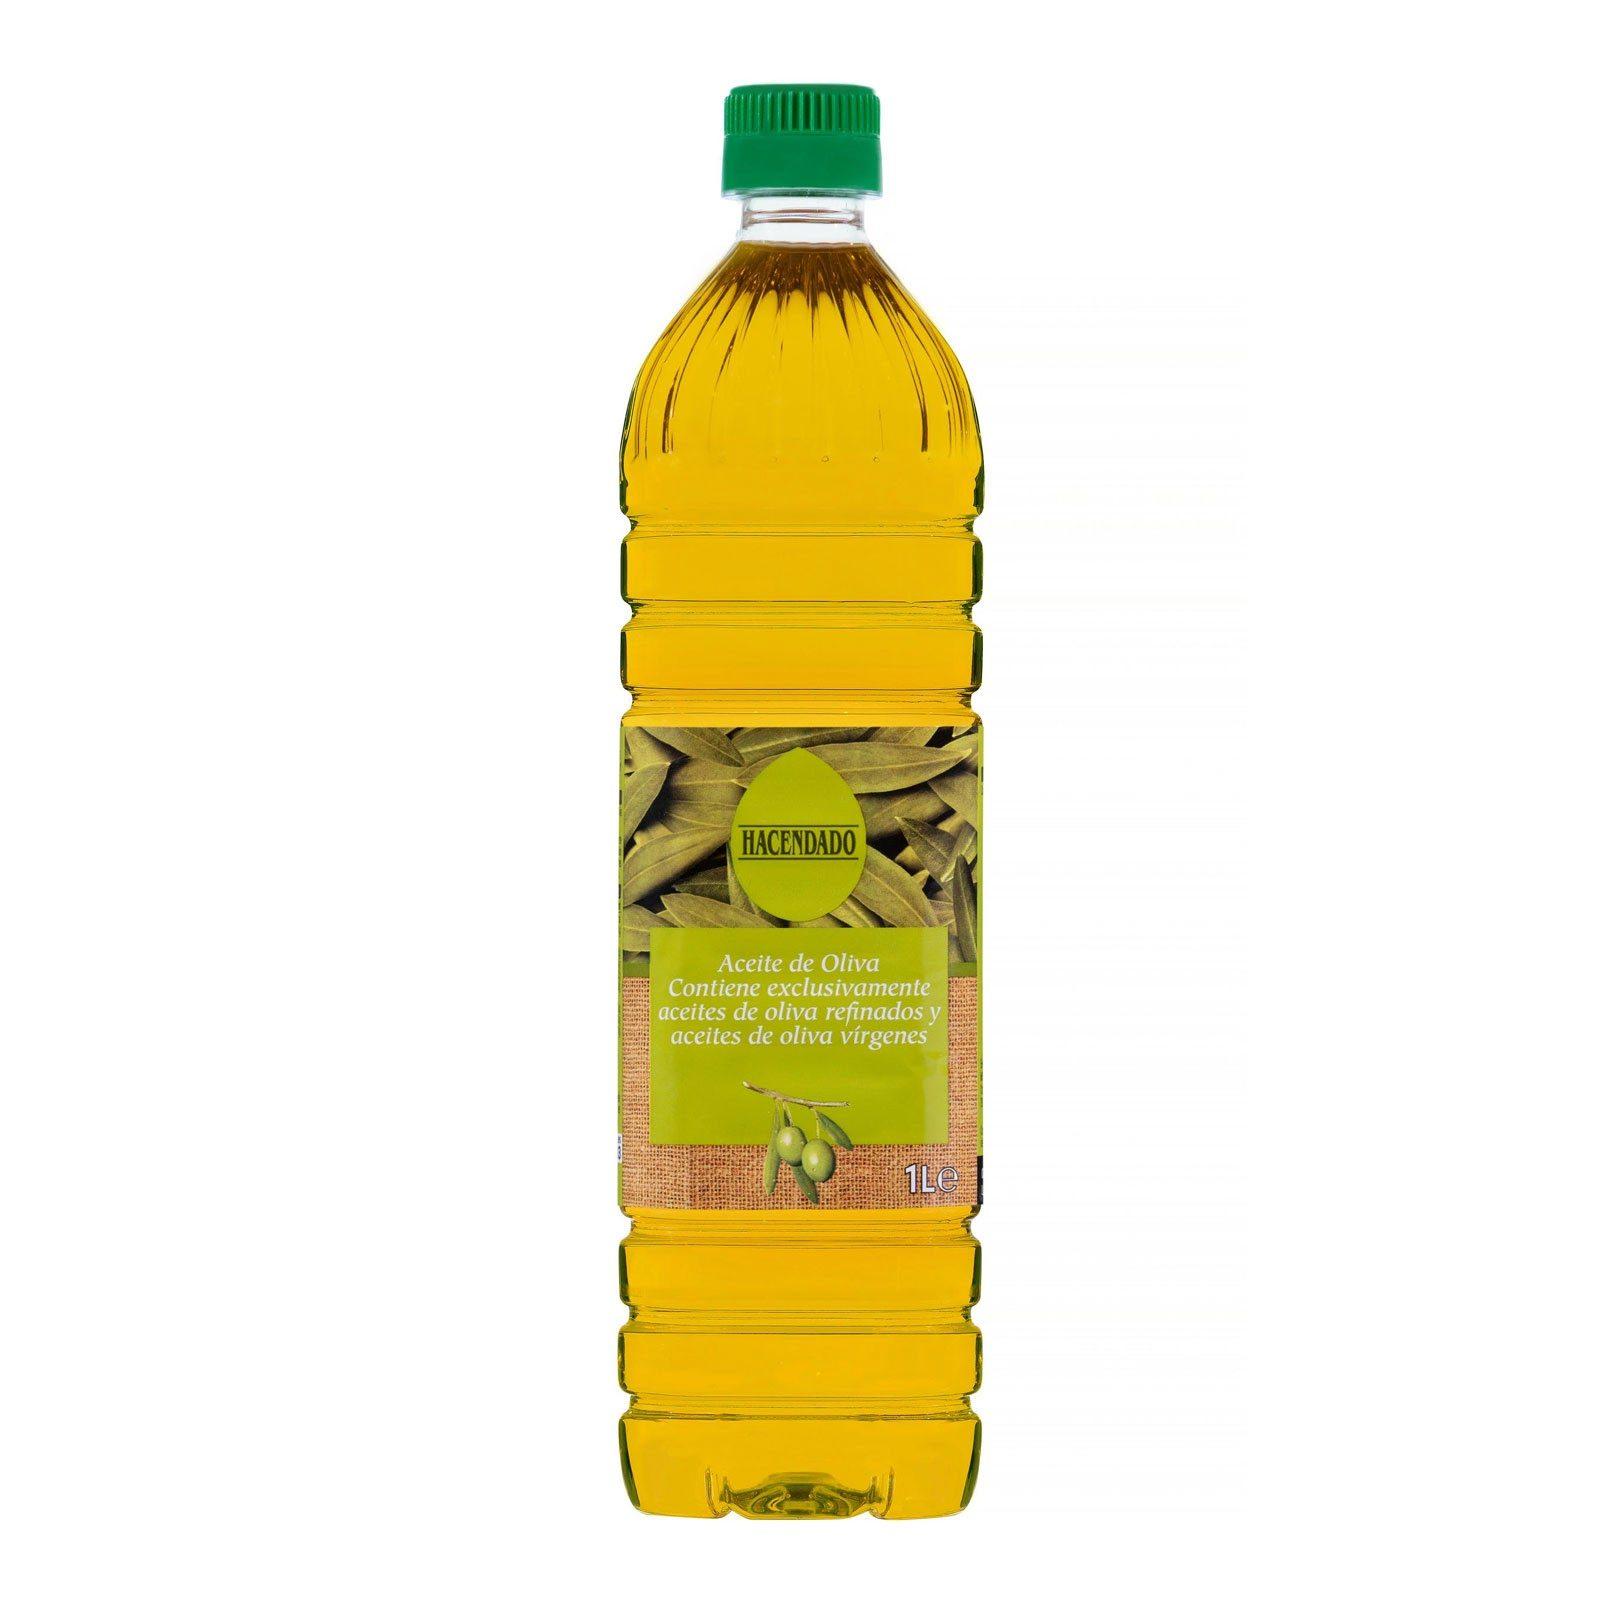 aceite-de-oliva-intenso-hacendado-mercadona-1-5208453